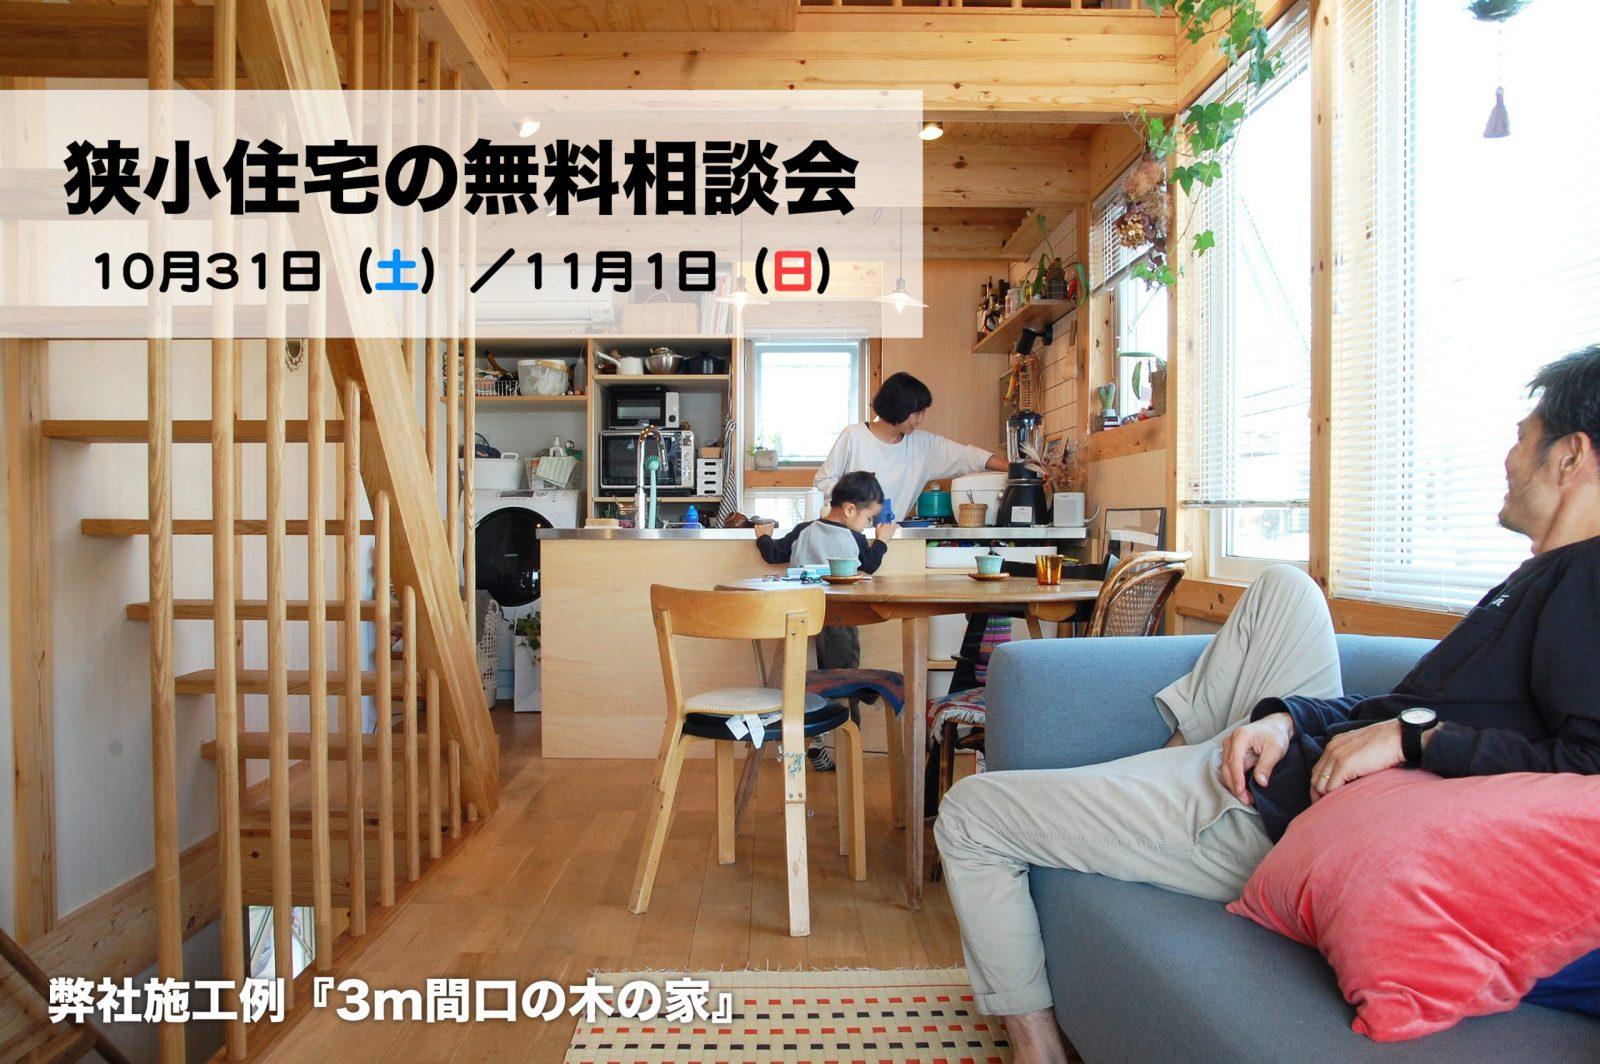 狭小住宅の無料相談会 10月31日(土)/11月1日(日)